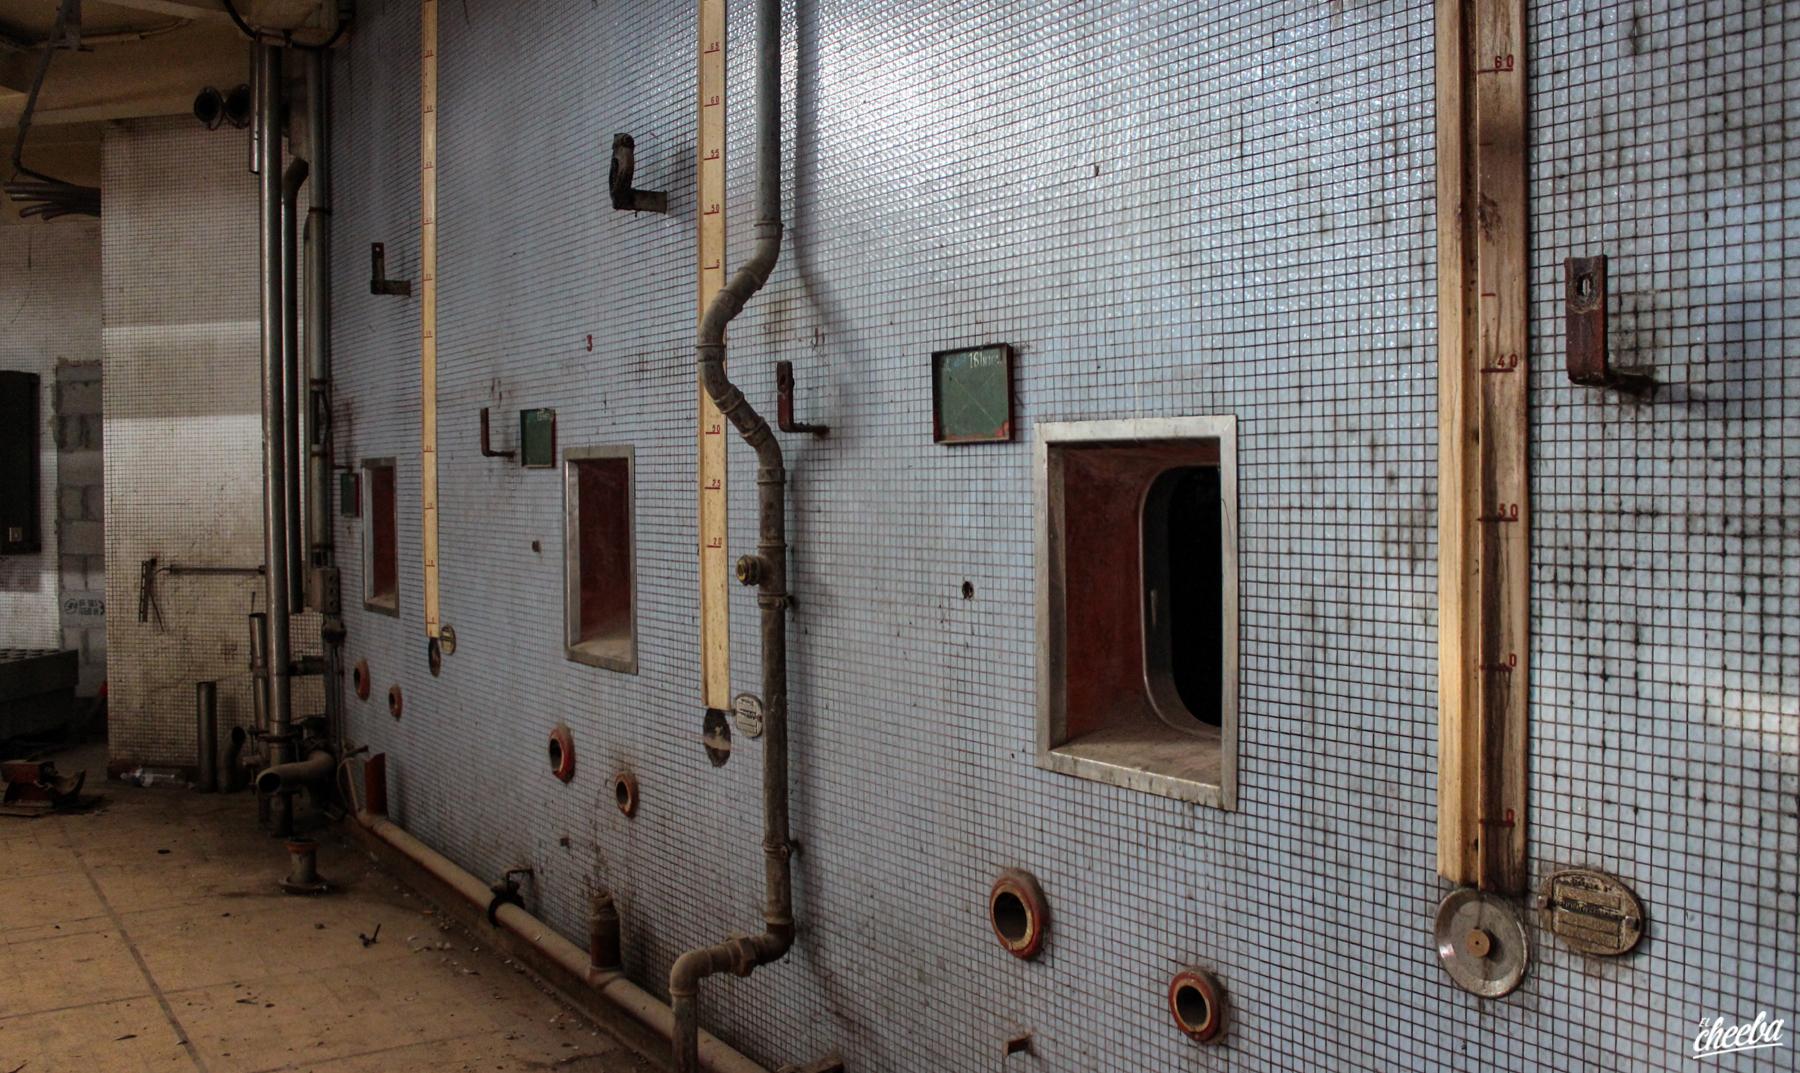 Urbex à la Wine Cellar, un atelier d'embouteillage abandonné en Alsace - Urbex Alsace